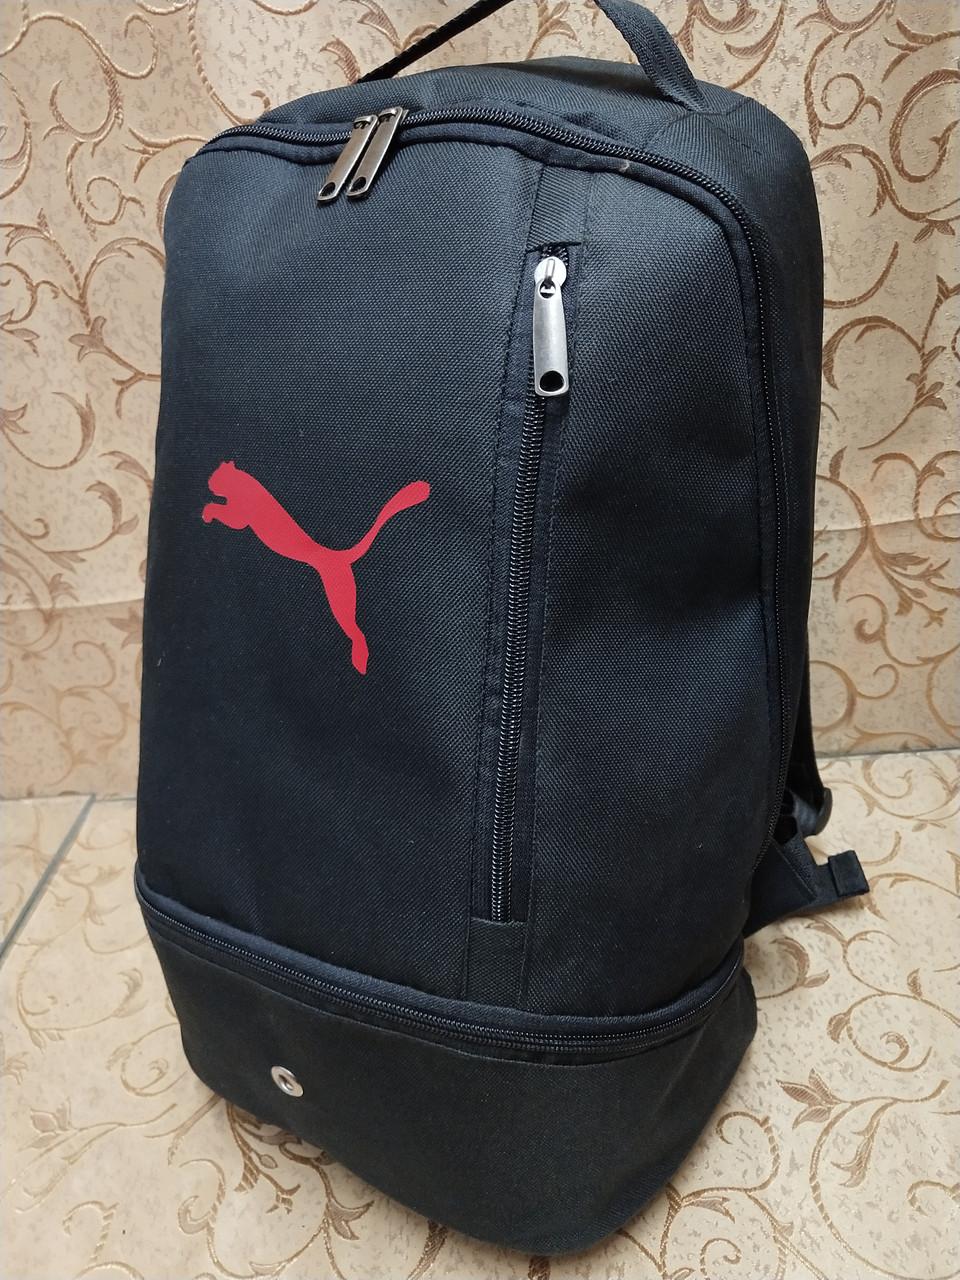 Рюкзак спортивны PUMA Оксфорд ткань  Новый стиль/Рюкзак спорт городской стильный